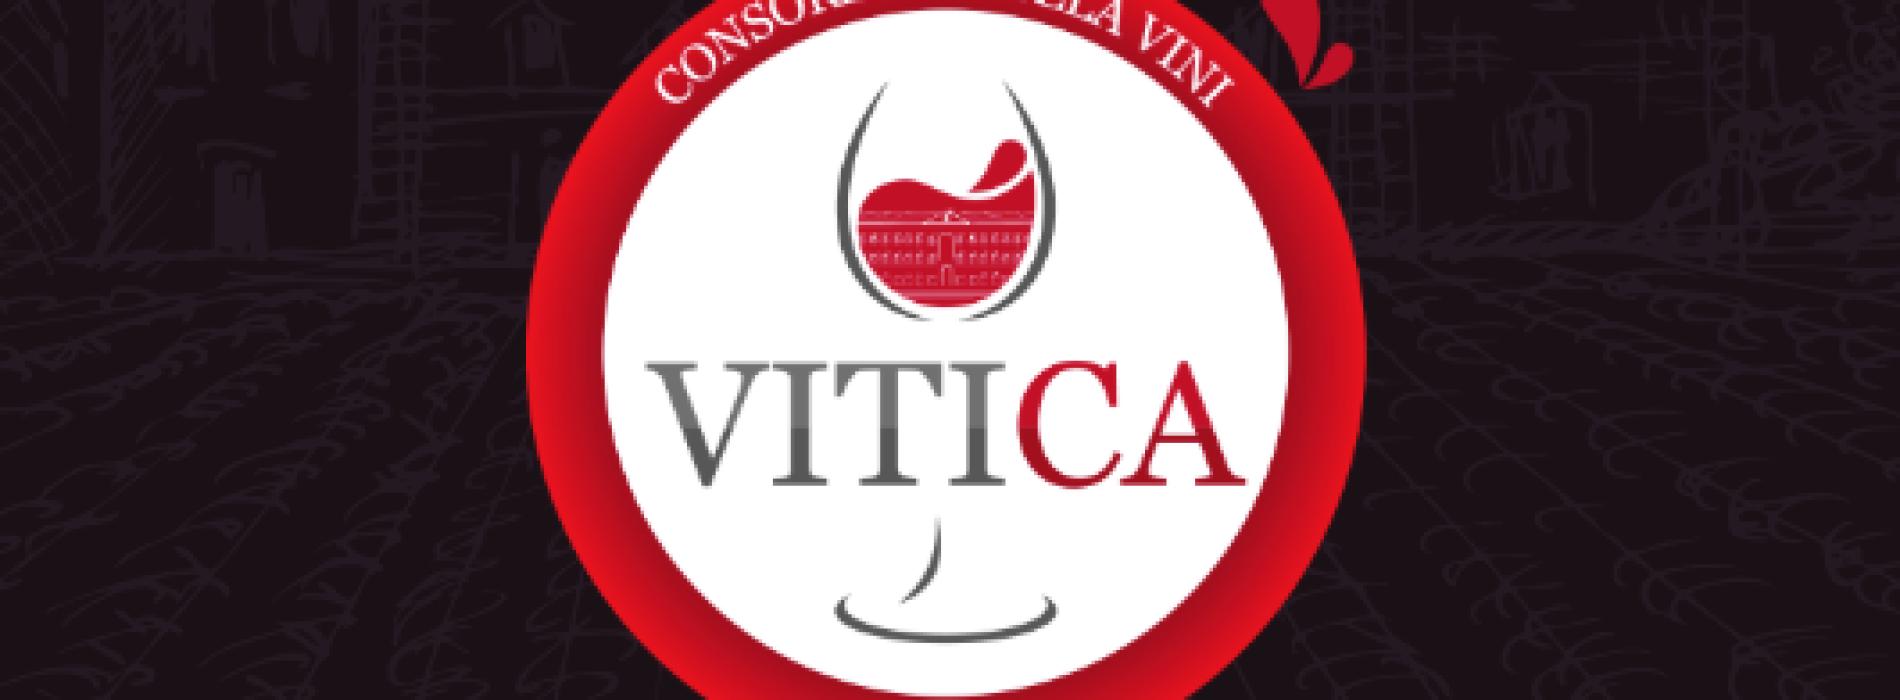 Vitica Open Day all'Enoteca provinciale di Caserta